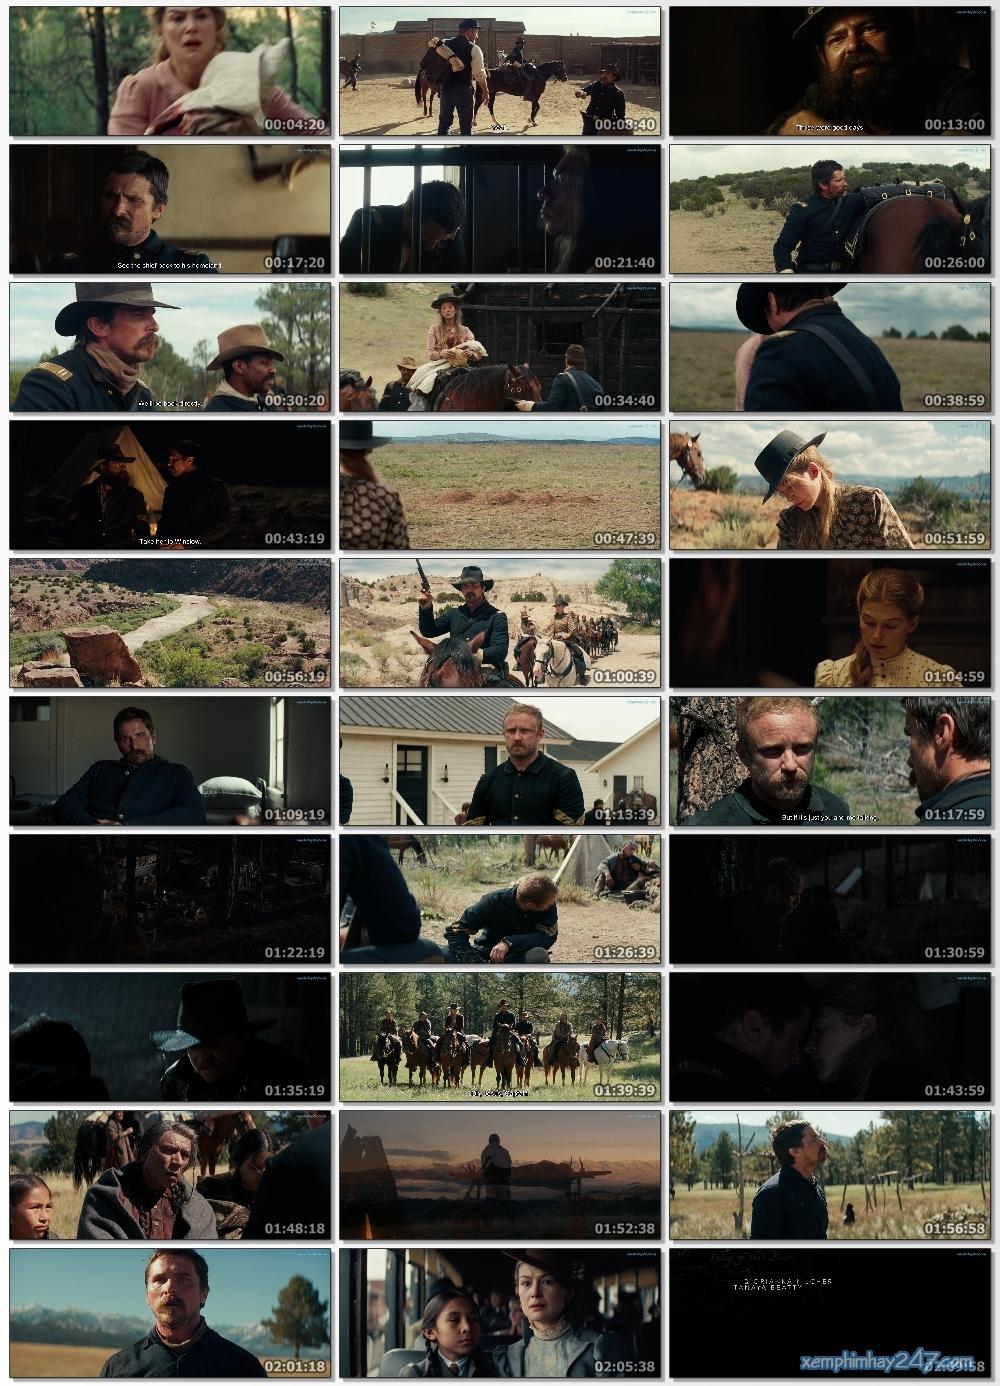 http://xemphimhay247.com - Xem phim hay 247 - Kẻ Thù Địch (2017) - Hostiles (2017)